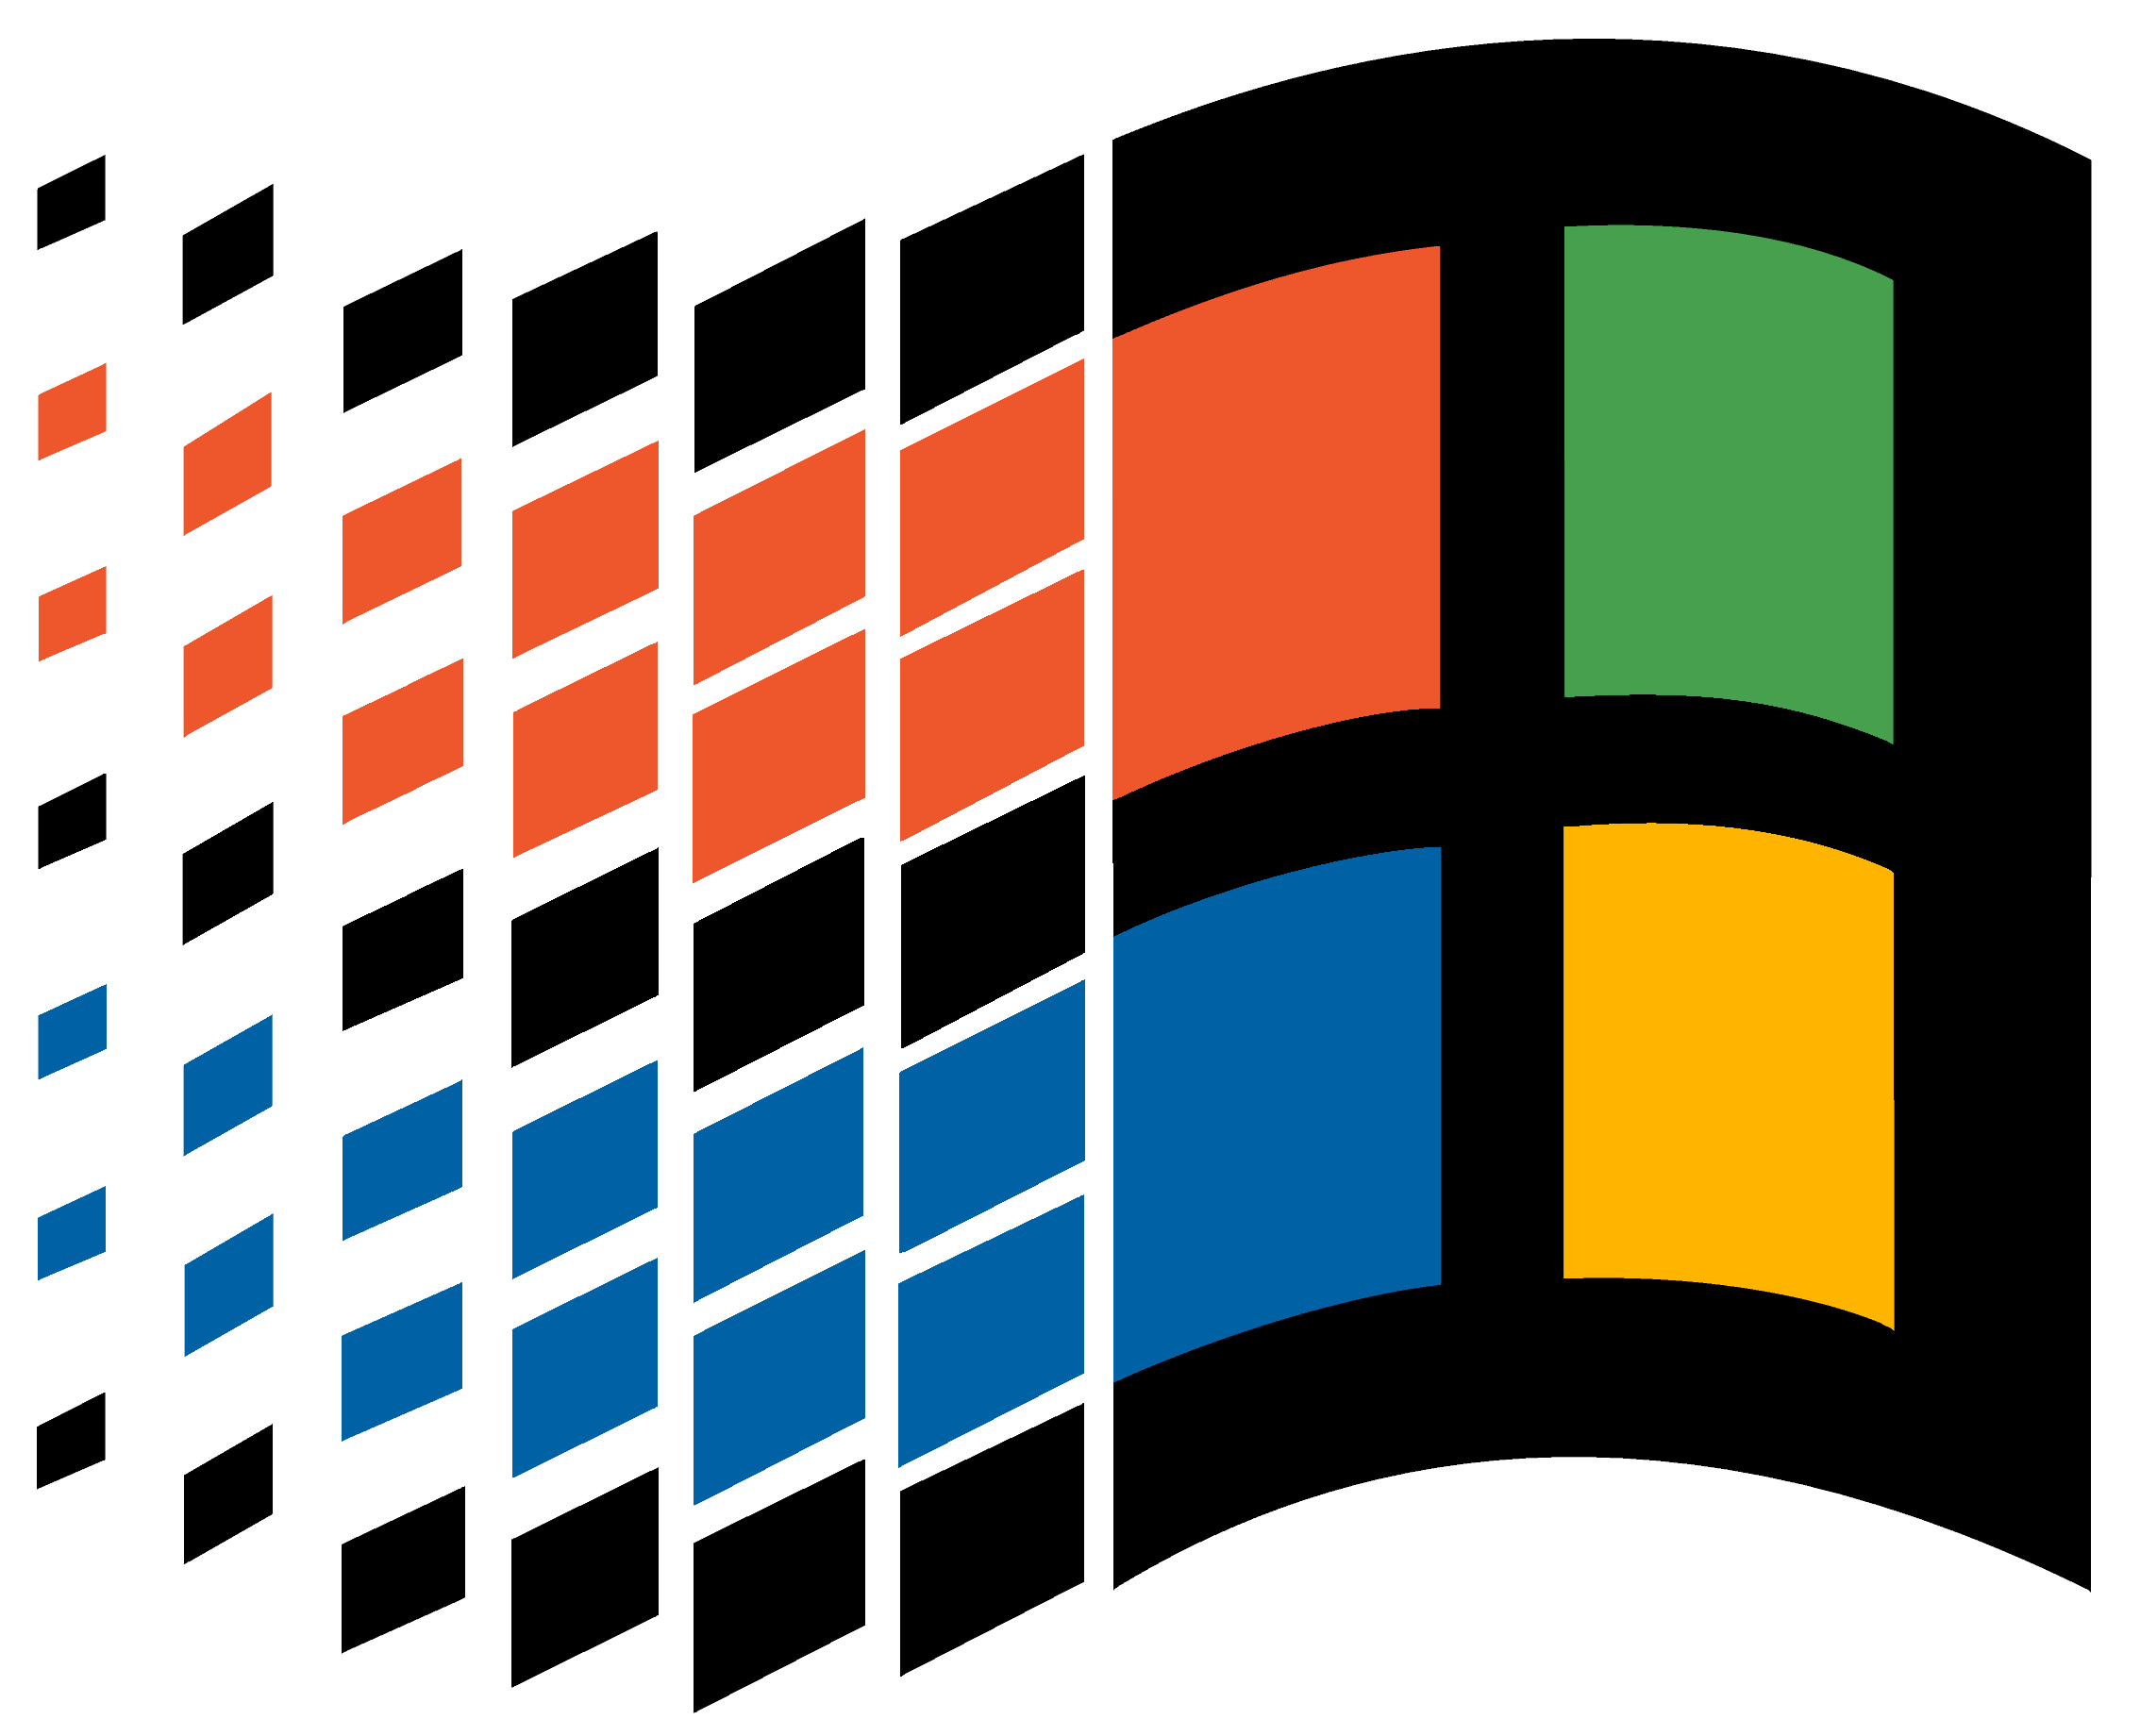 windows95